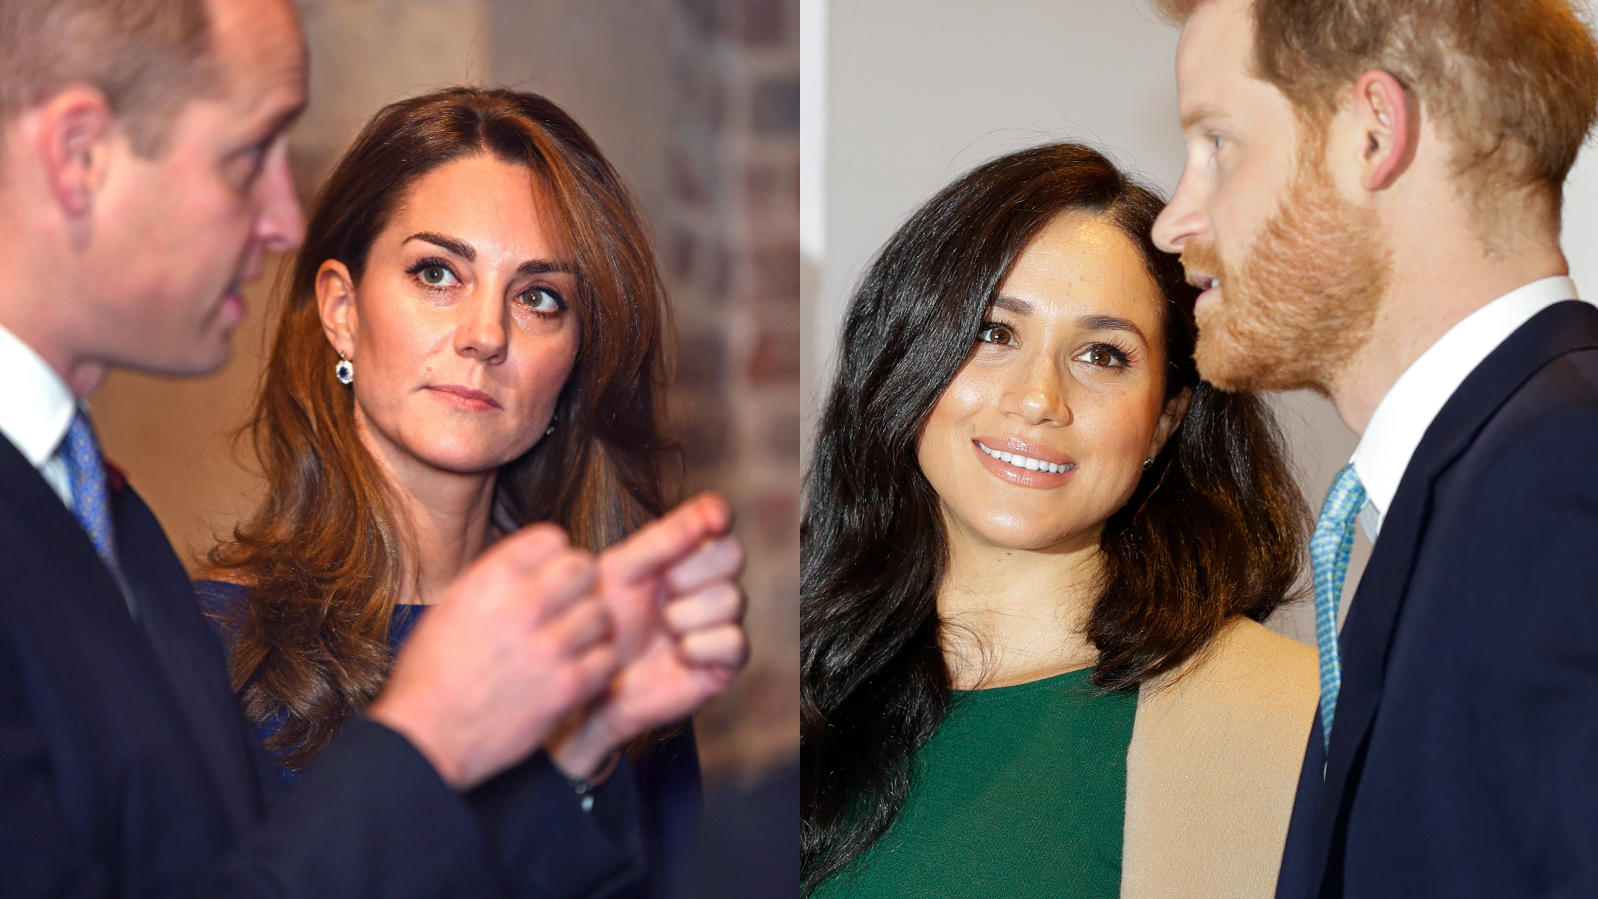 Prinz William, Herzogin Kate, Herzogin Meghan und Prinz Harry sollen sich wieder angenähert haben.